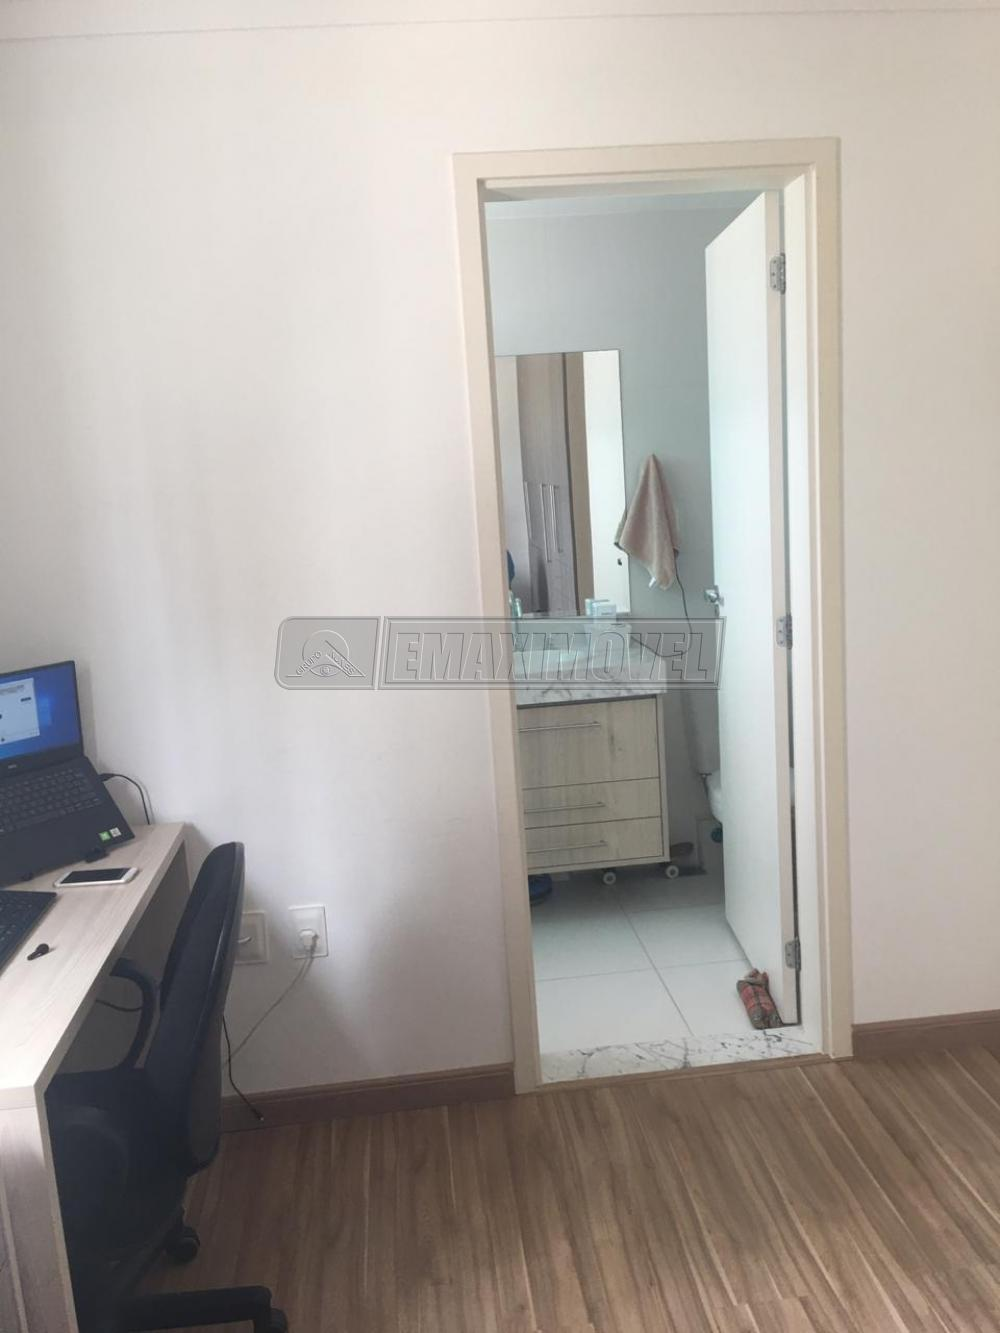 Comprar Apartamento / Padrão em Sorocaba R$ 840.000,00 - Foto 20